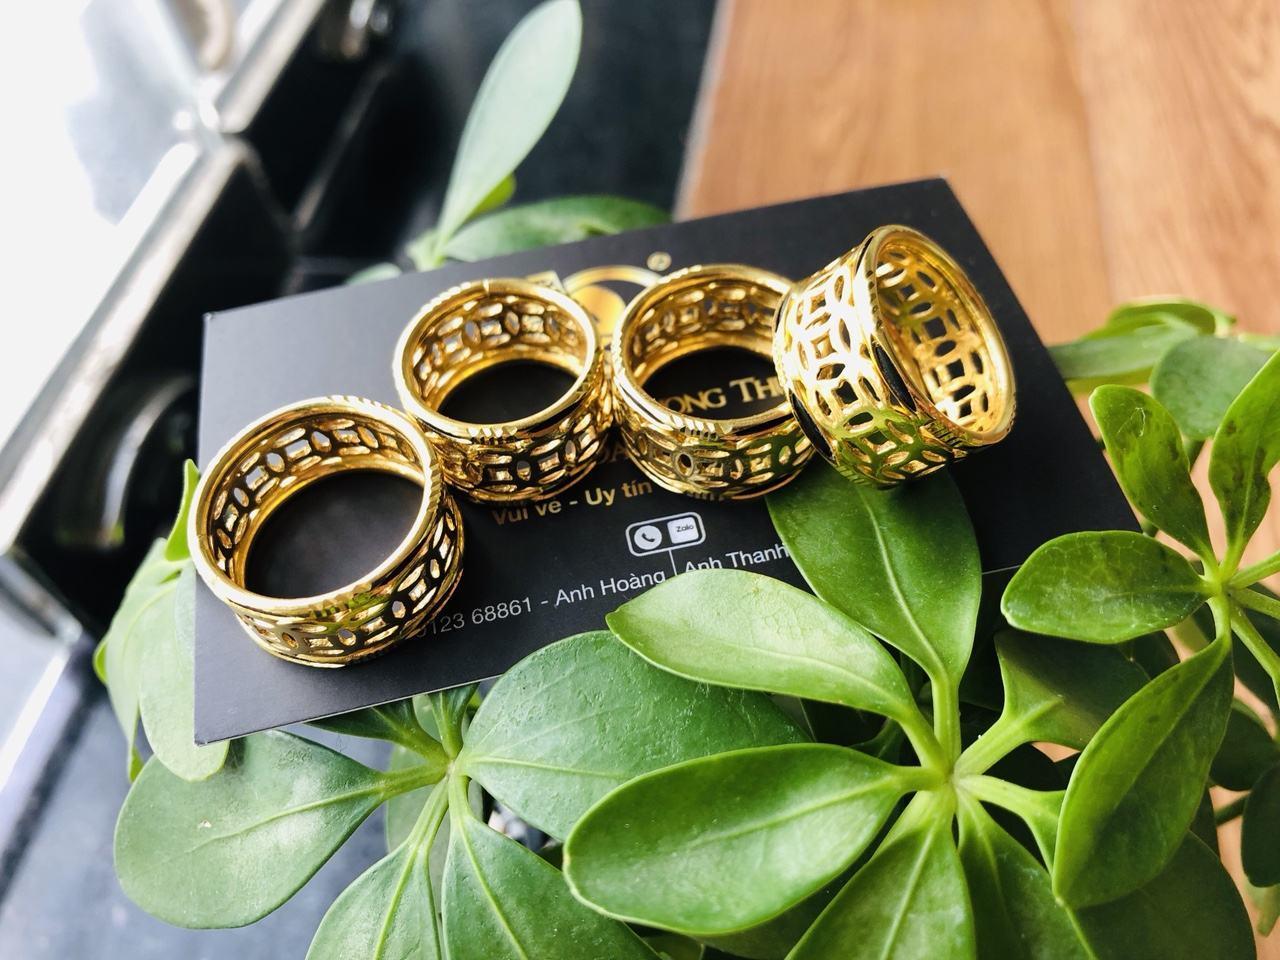 Nhẫn kim tiền vàng 24K - 18K Riogems phong thủy